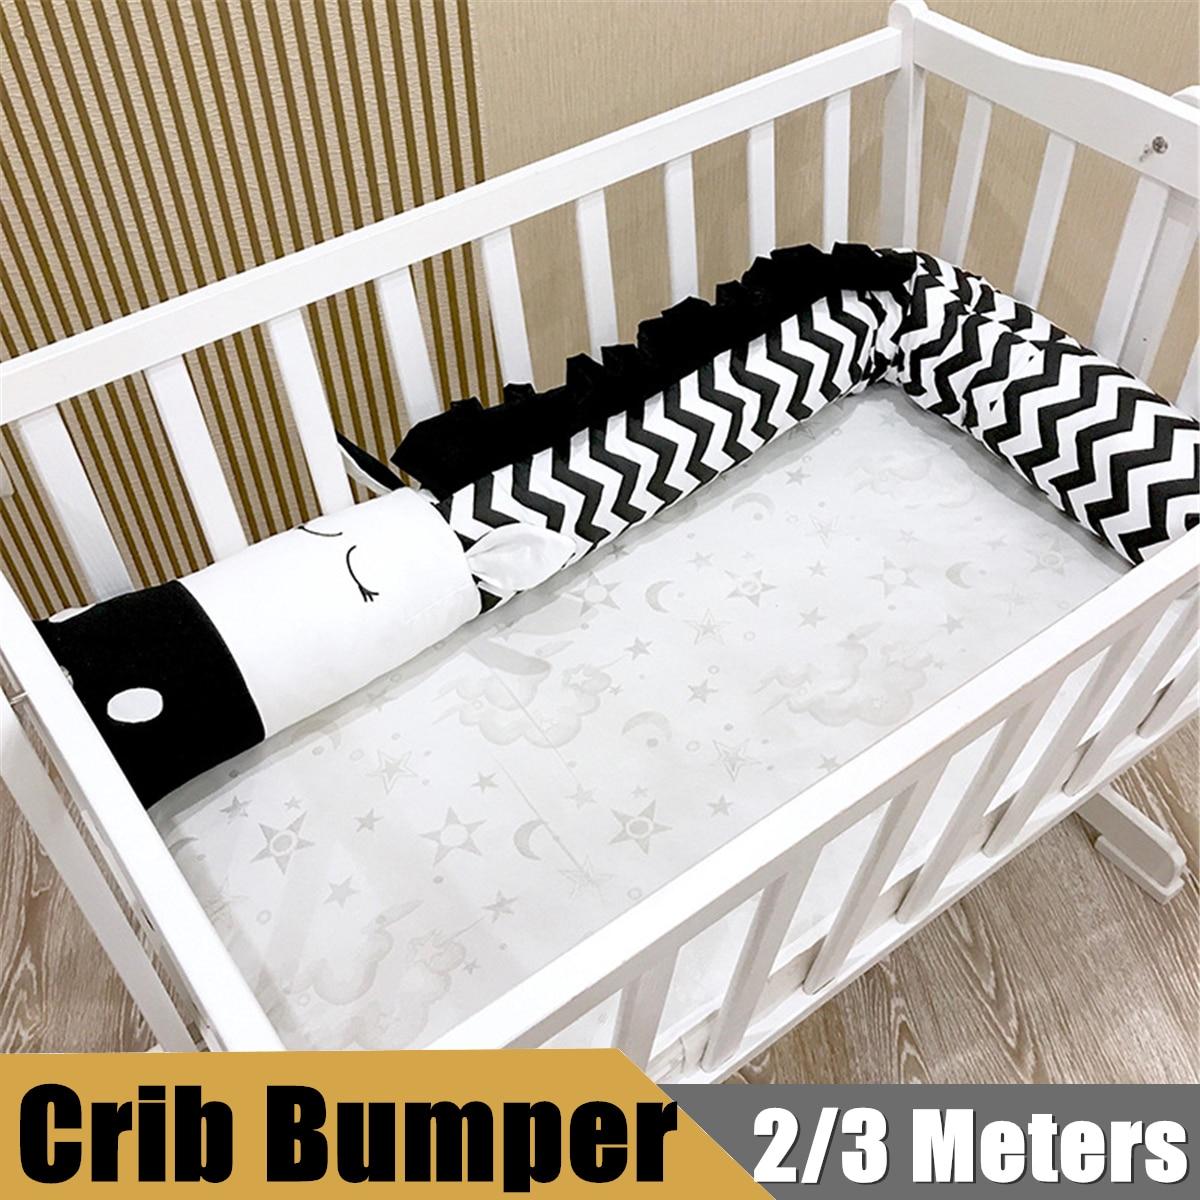 Fullsize Of Mesh Crib Bumper